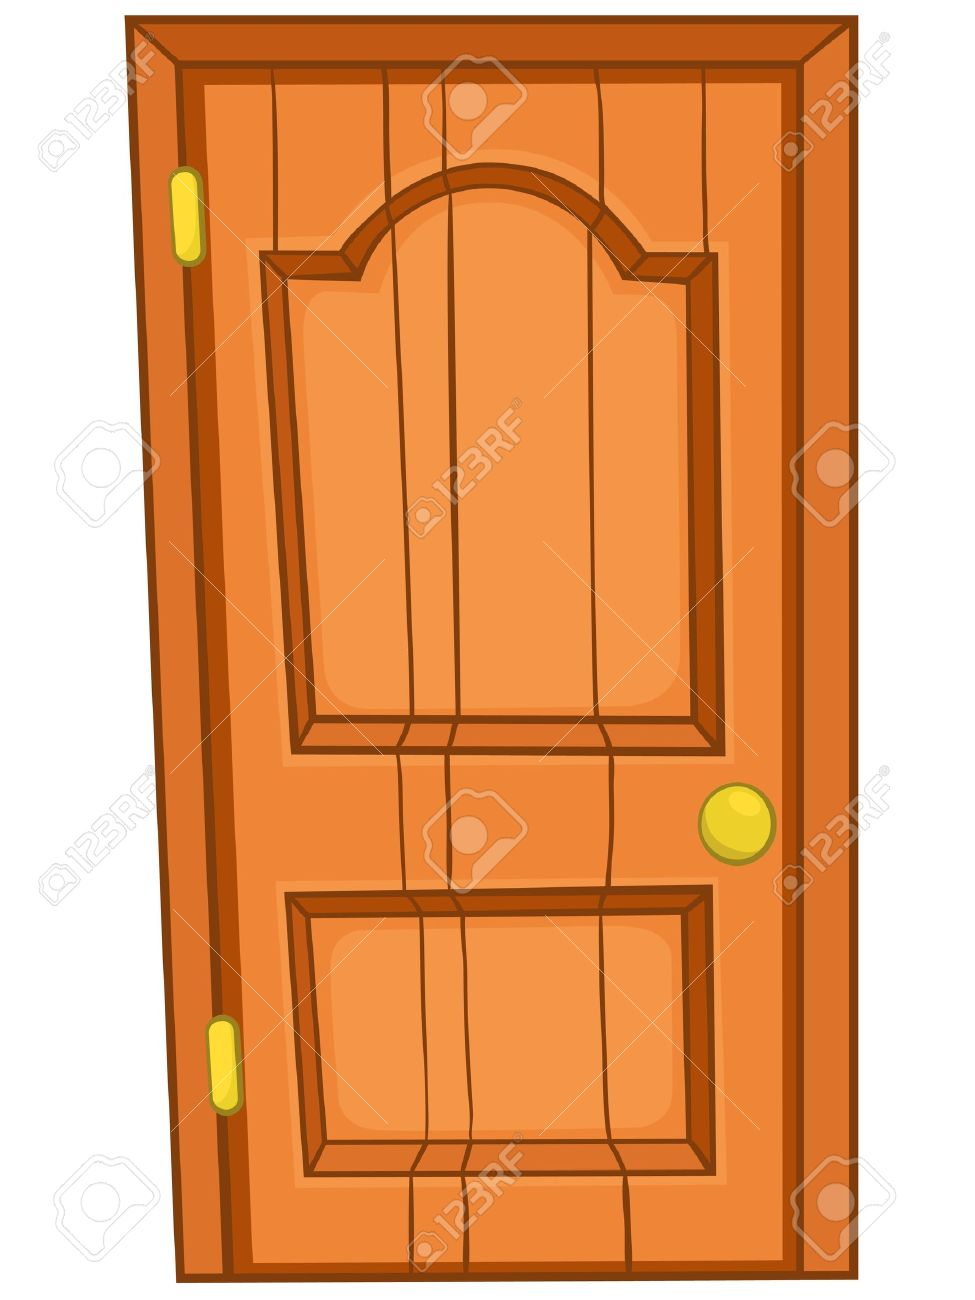 Door Clipart Puerta Pencil And In Color Puerta, Cartoon.